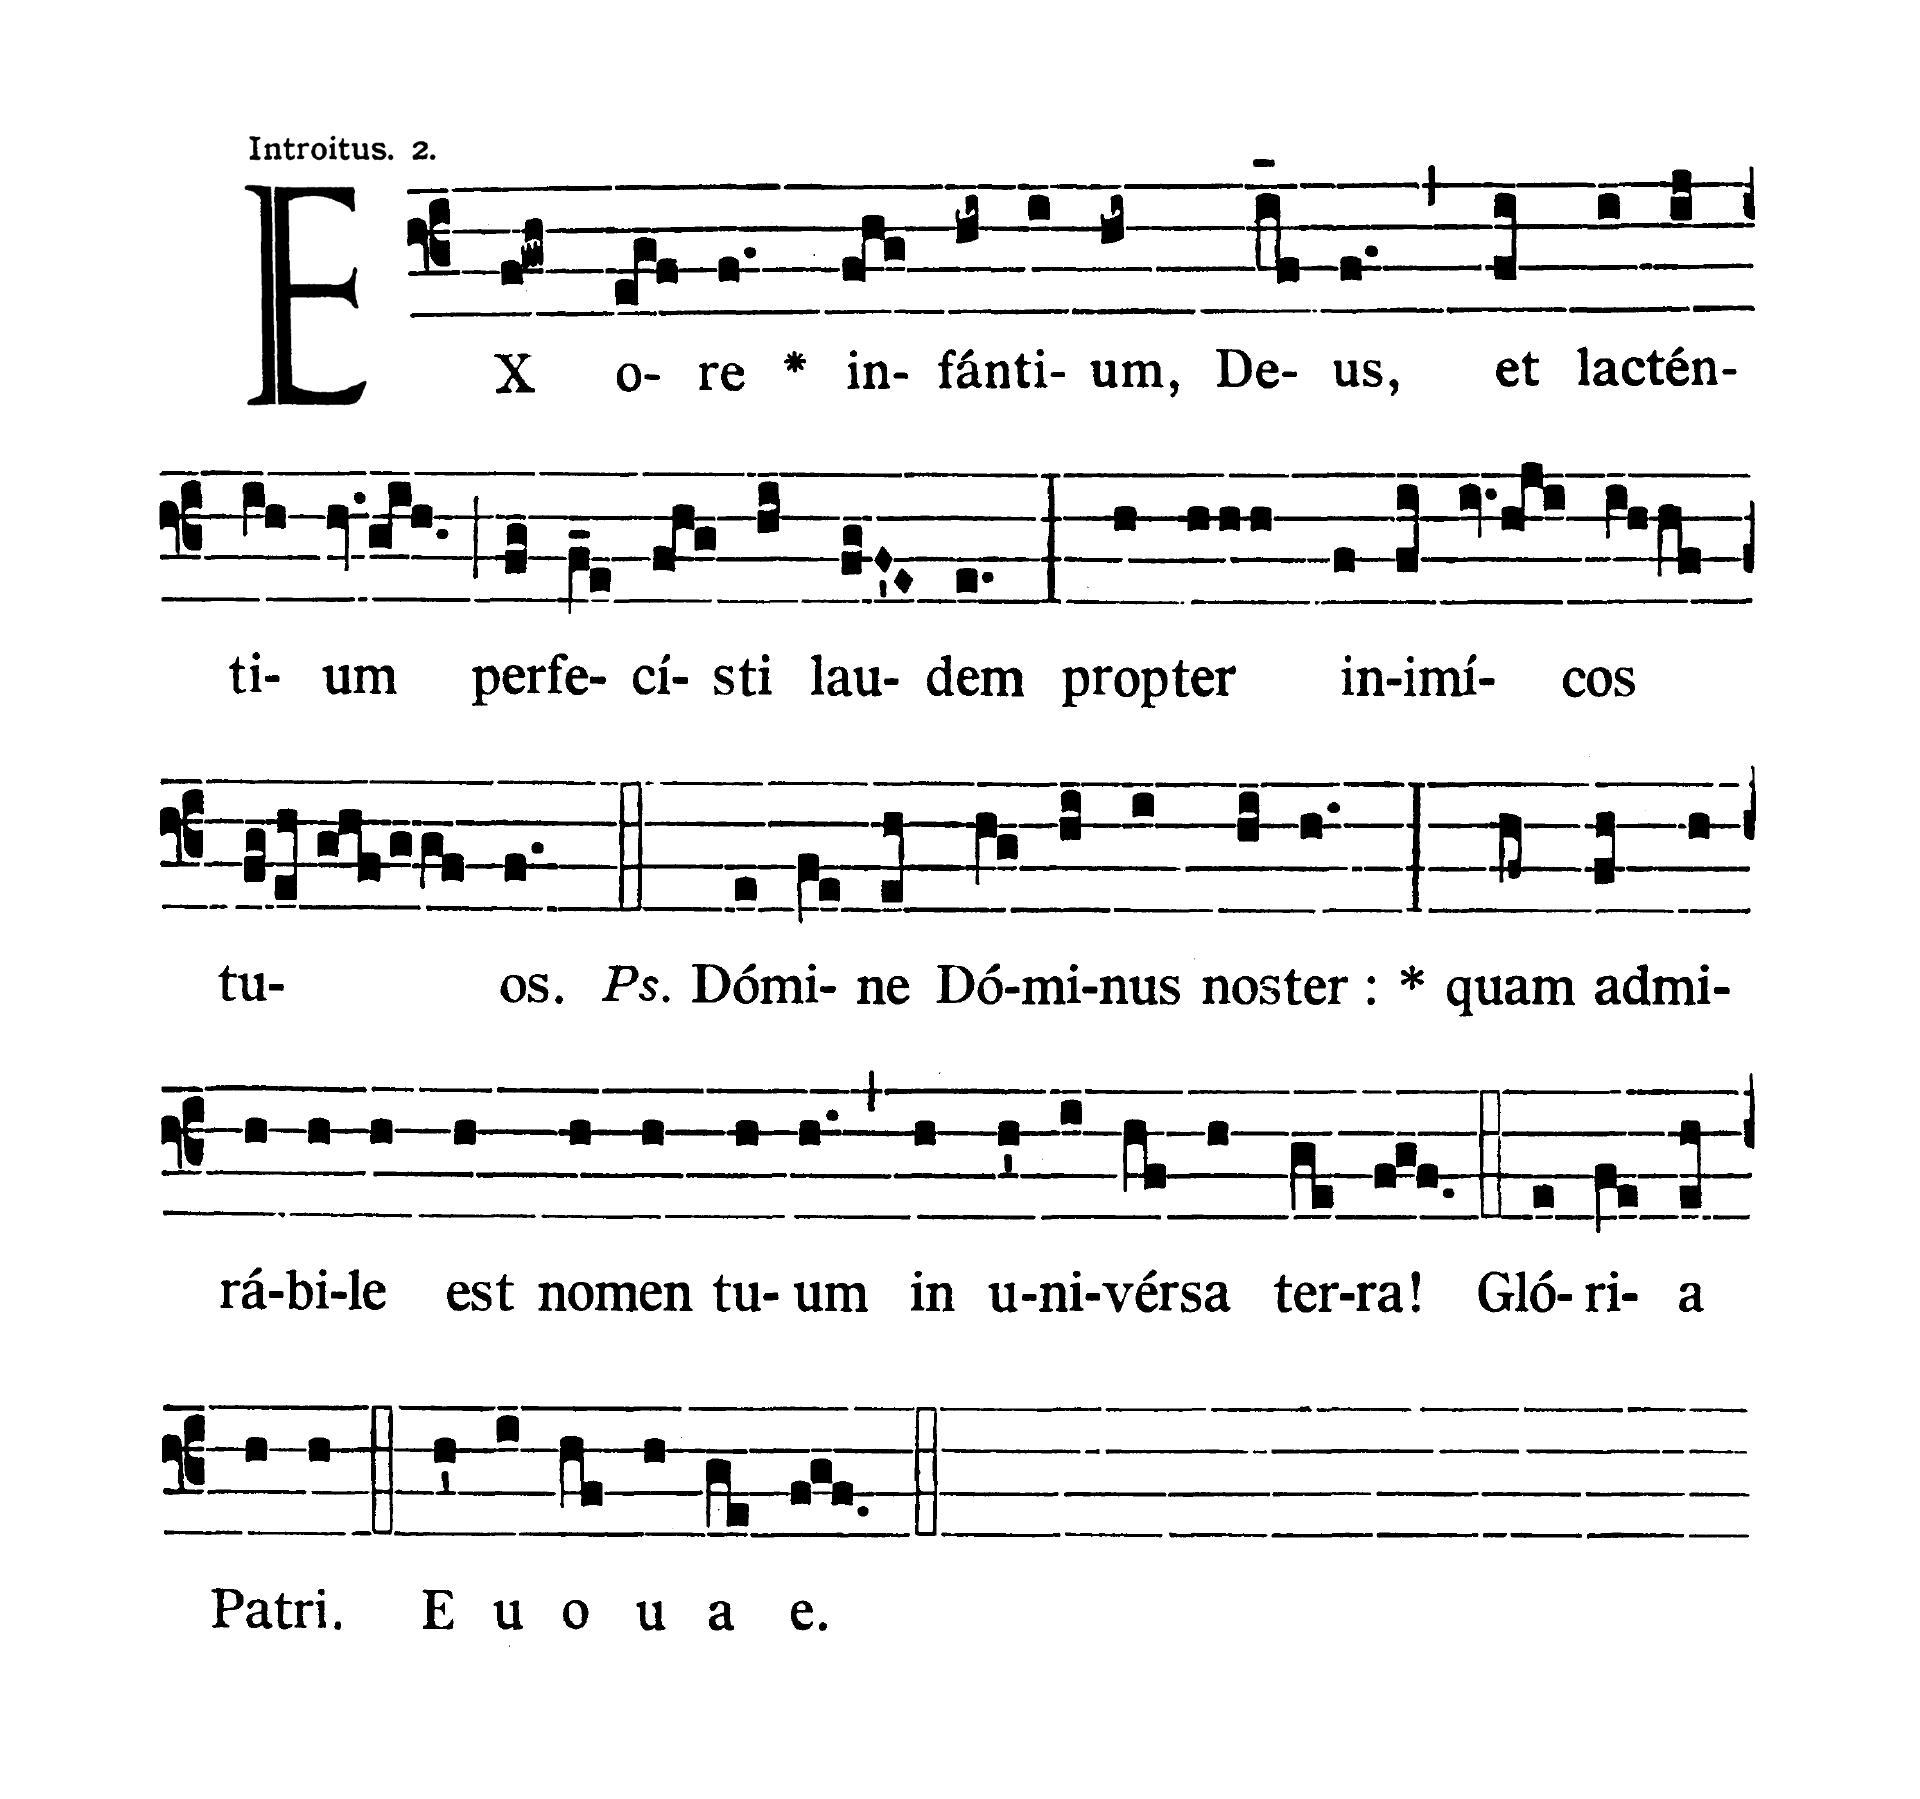 Sanctorum Innocentium (Świętych Młodzianków Męczenników) - Introitus (Ex ore infantium)